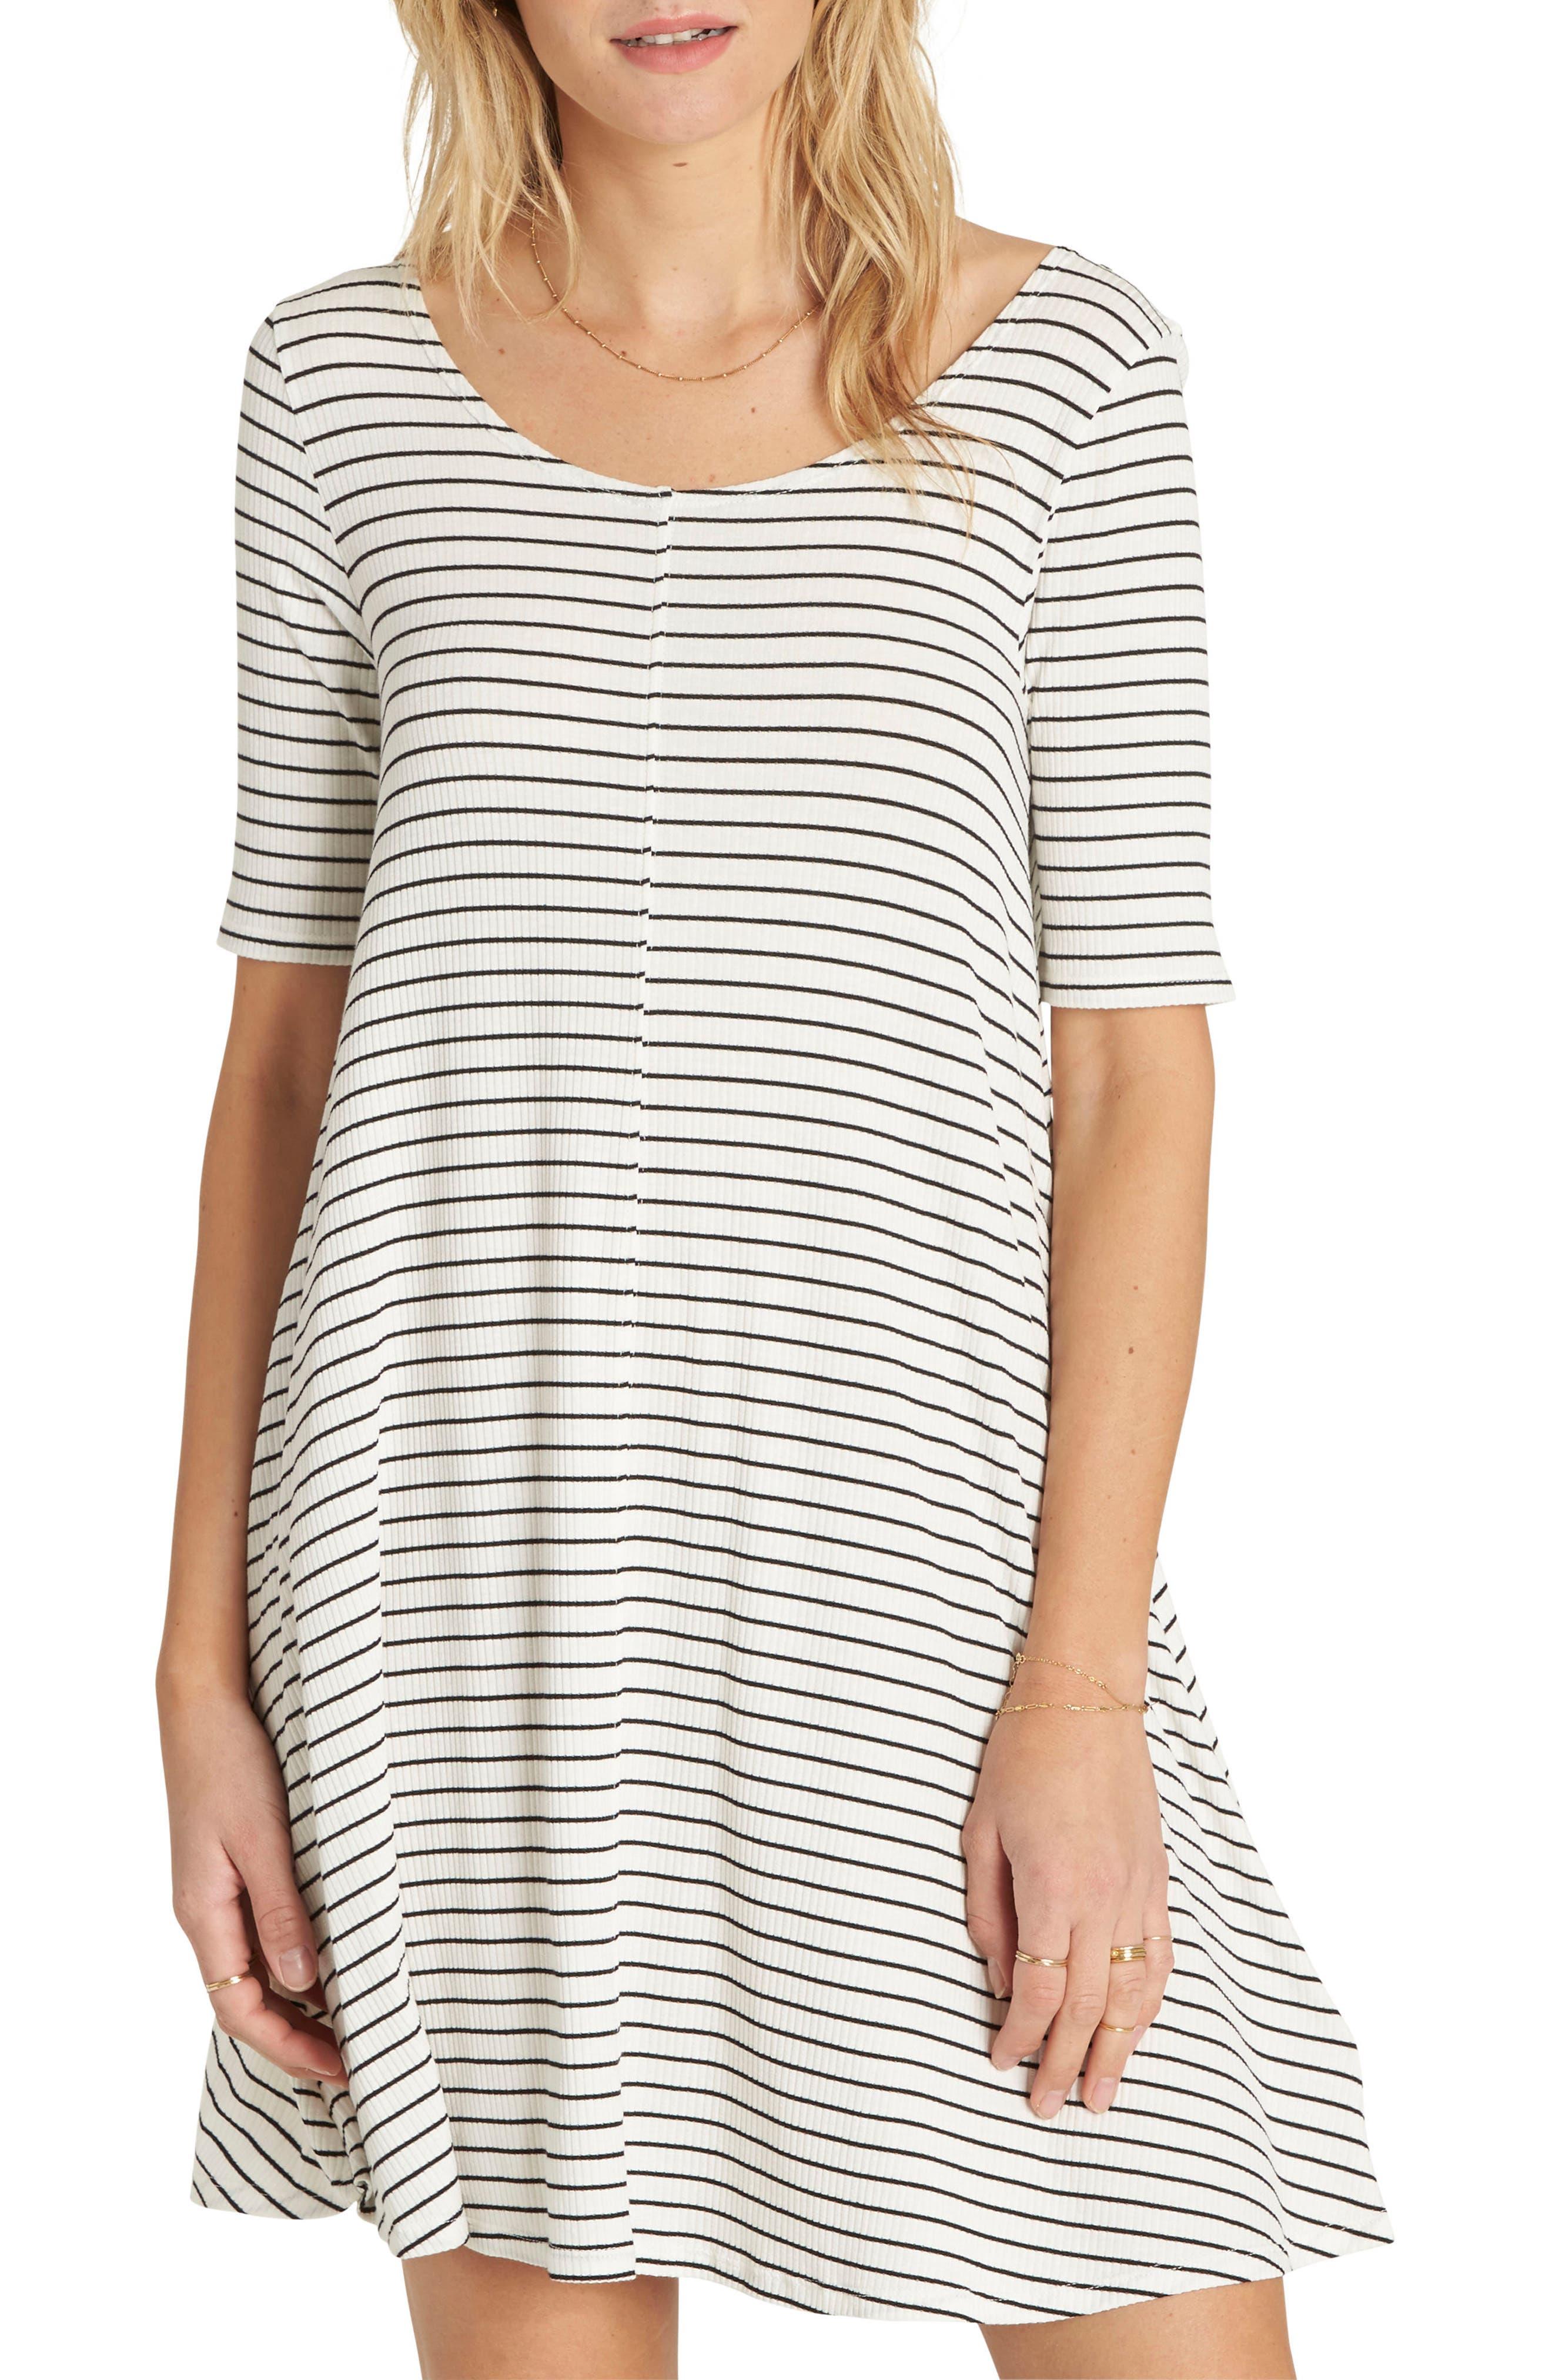 Main Image - Billabong Nothing to Hide Ribbed T-Shirt Dress